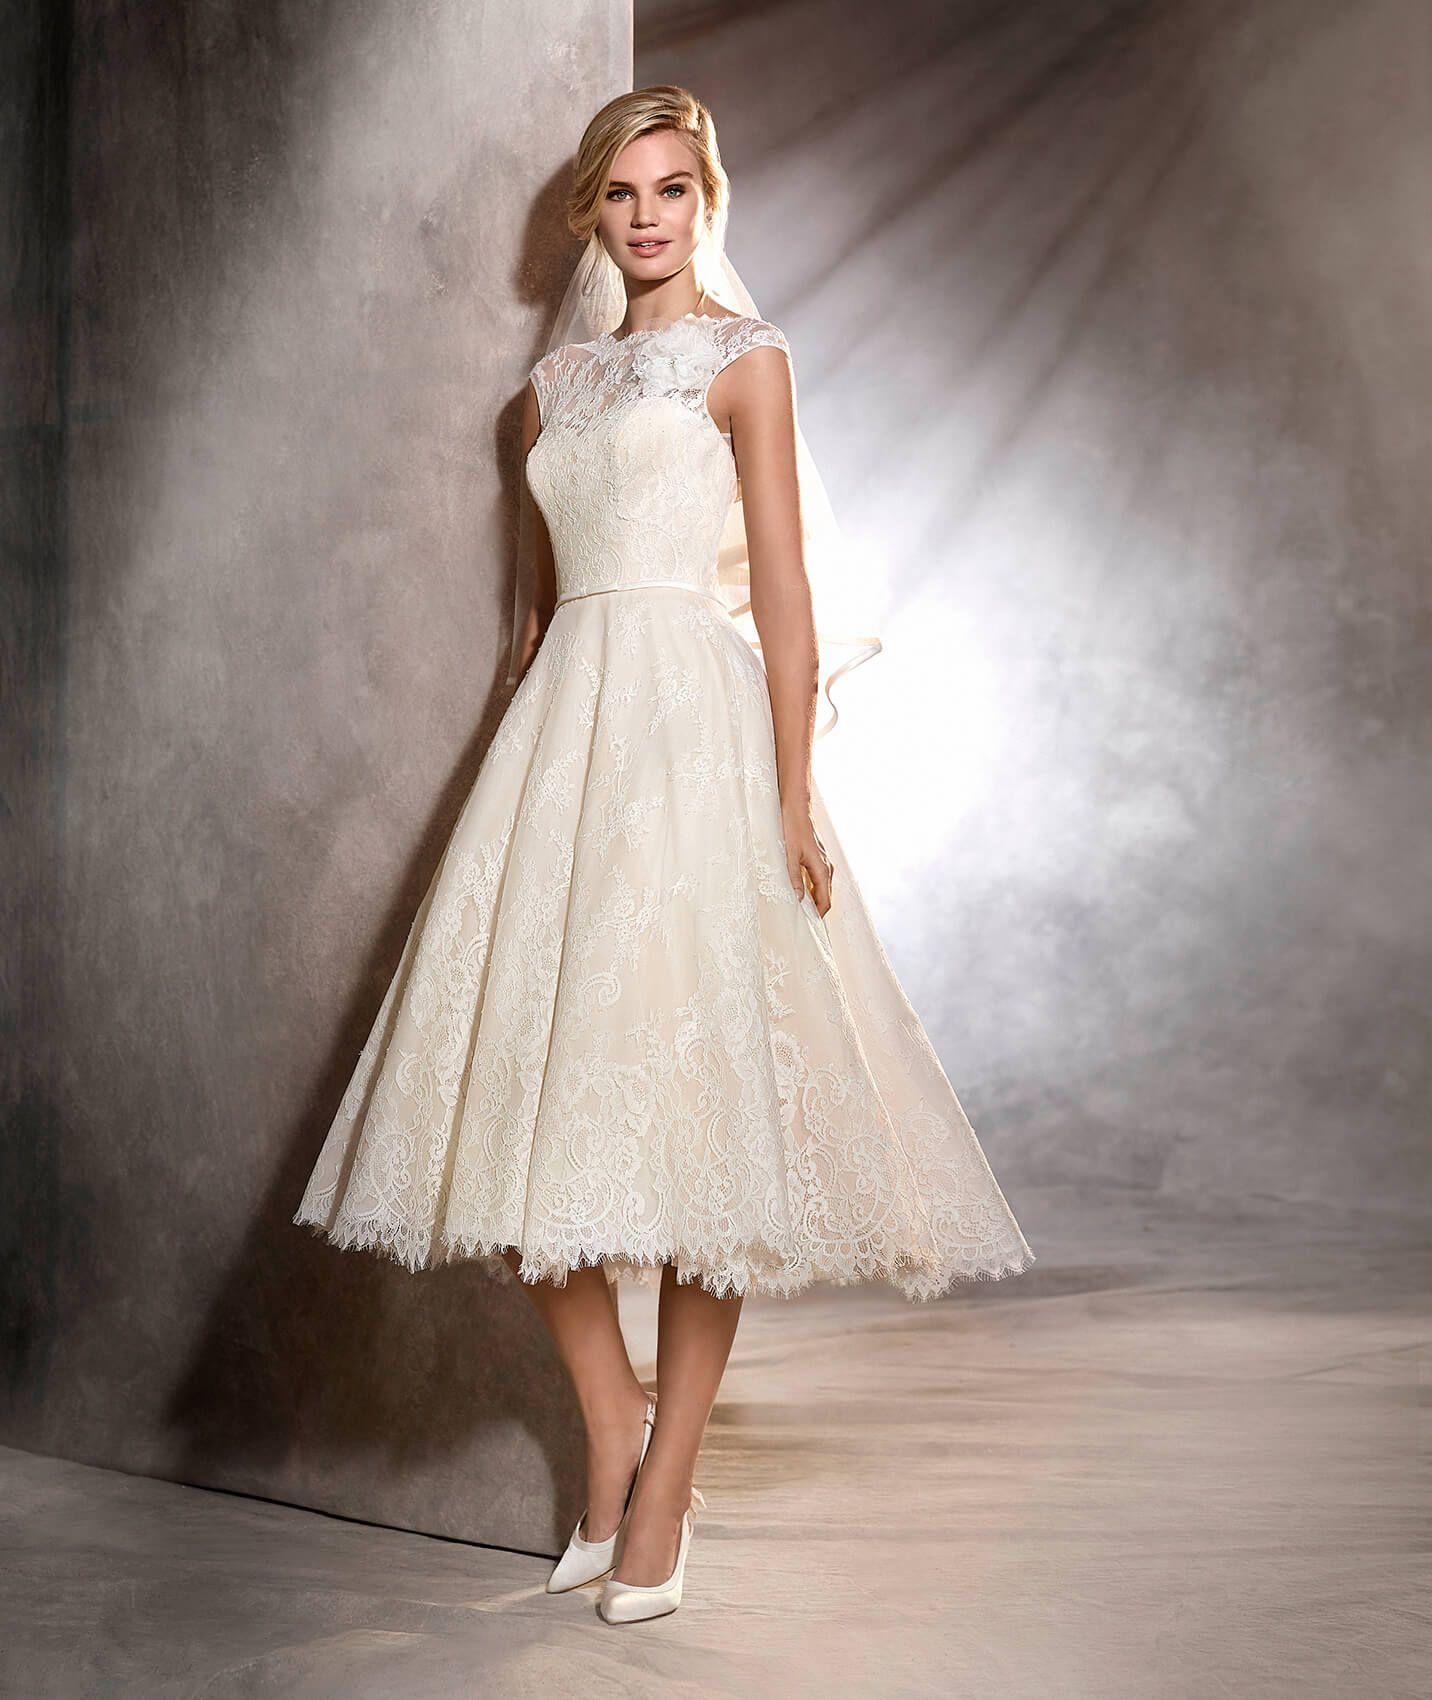 Olga lace vintagestyle wedding dress wedding dresses